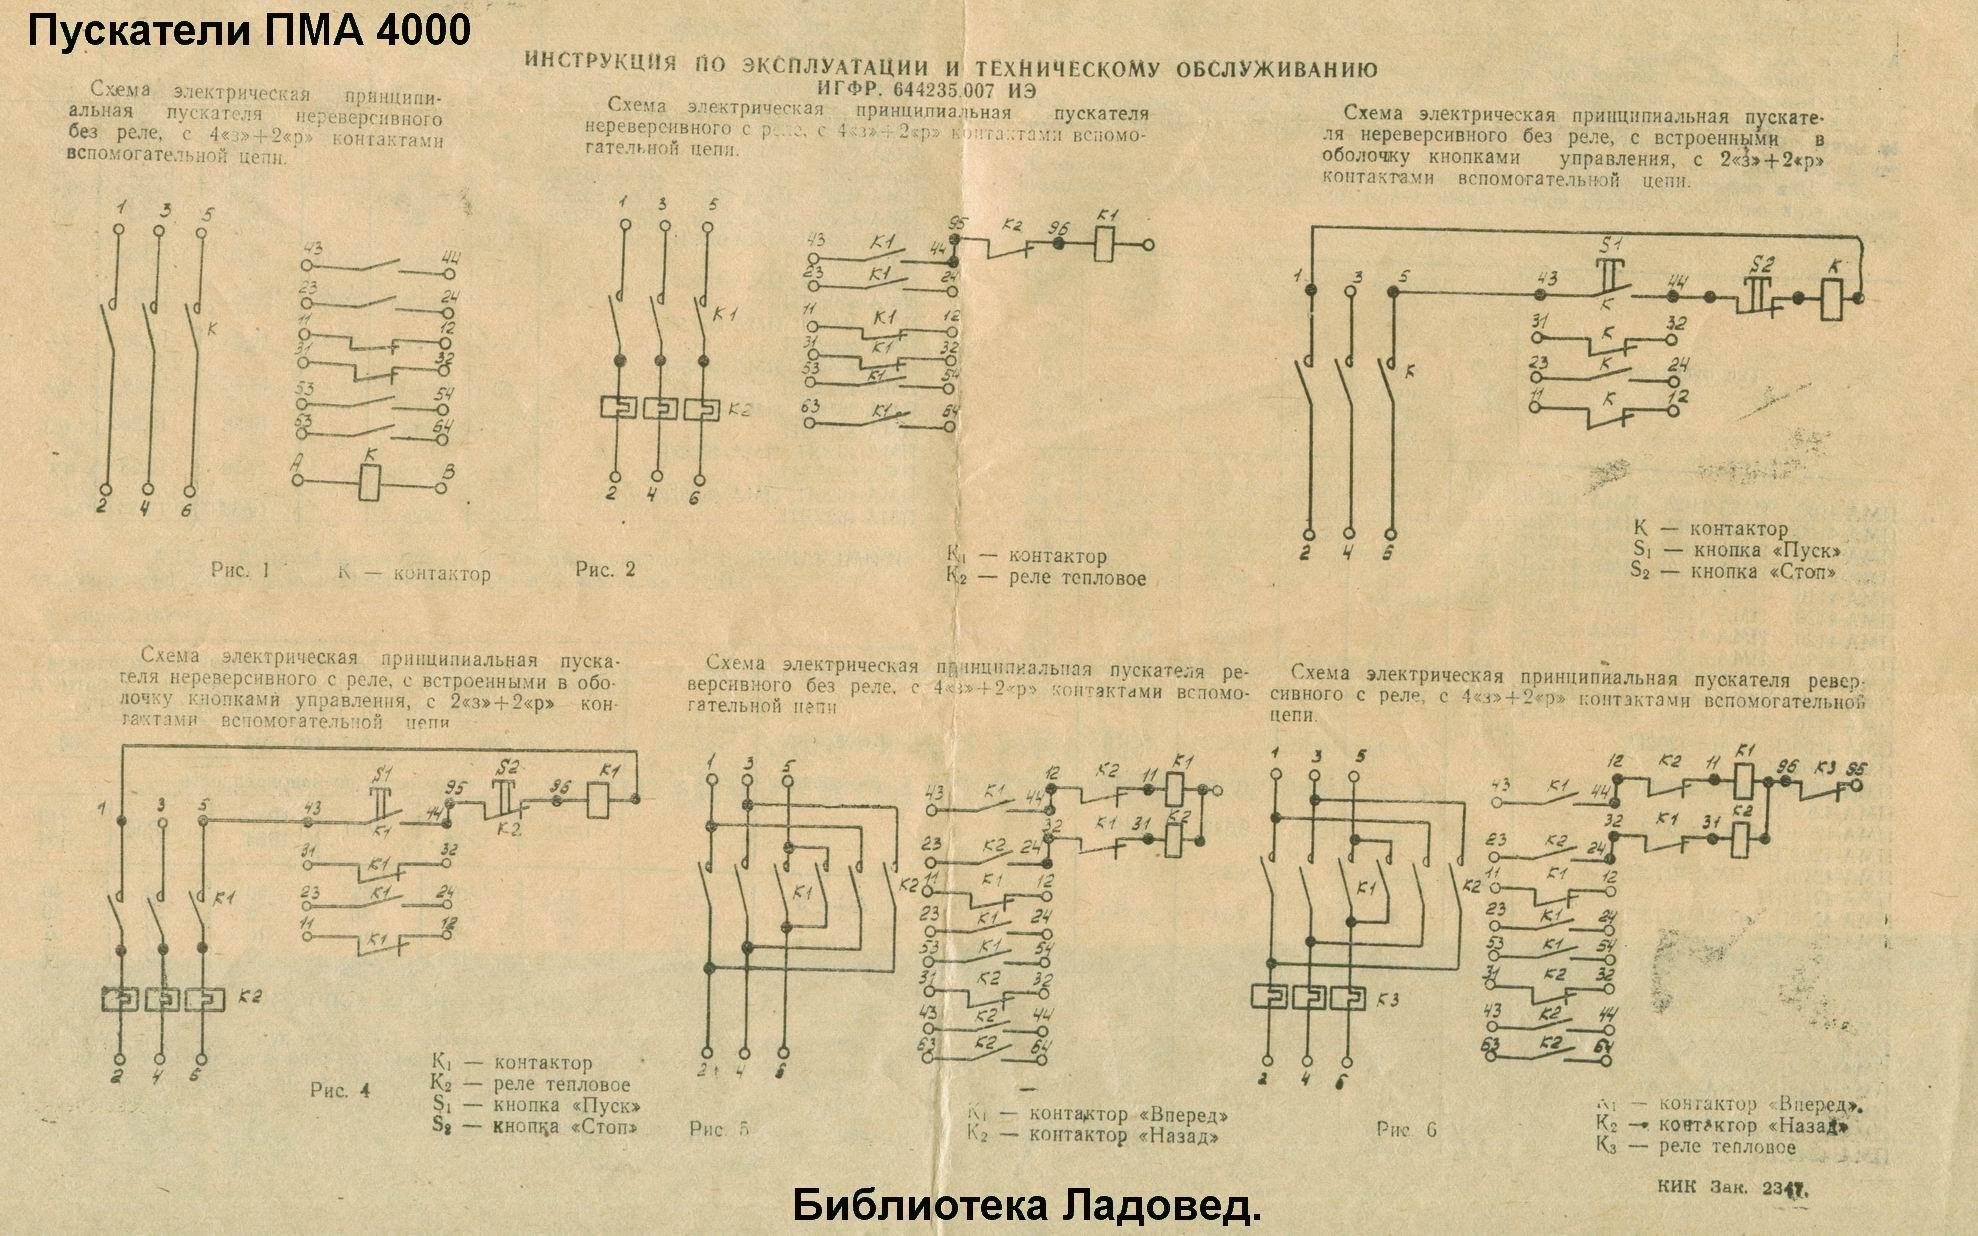 Схема подключения пма 3100 с тепловым реле